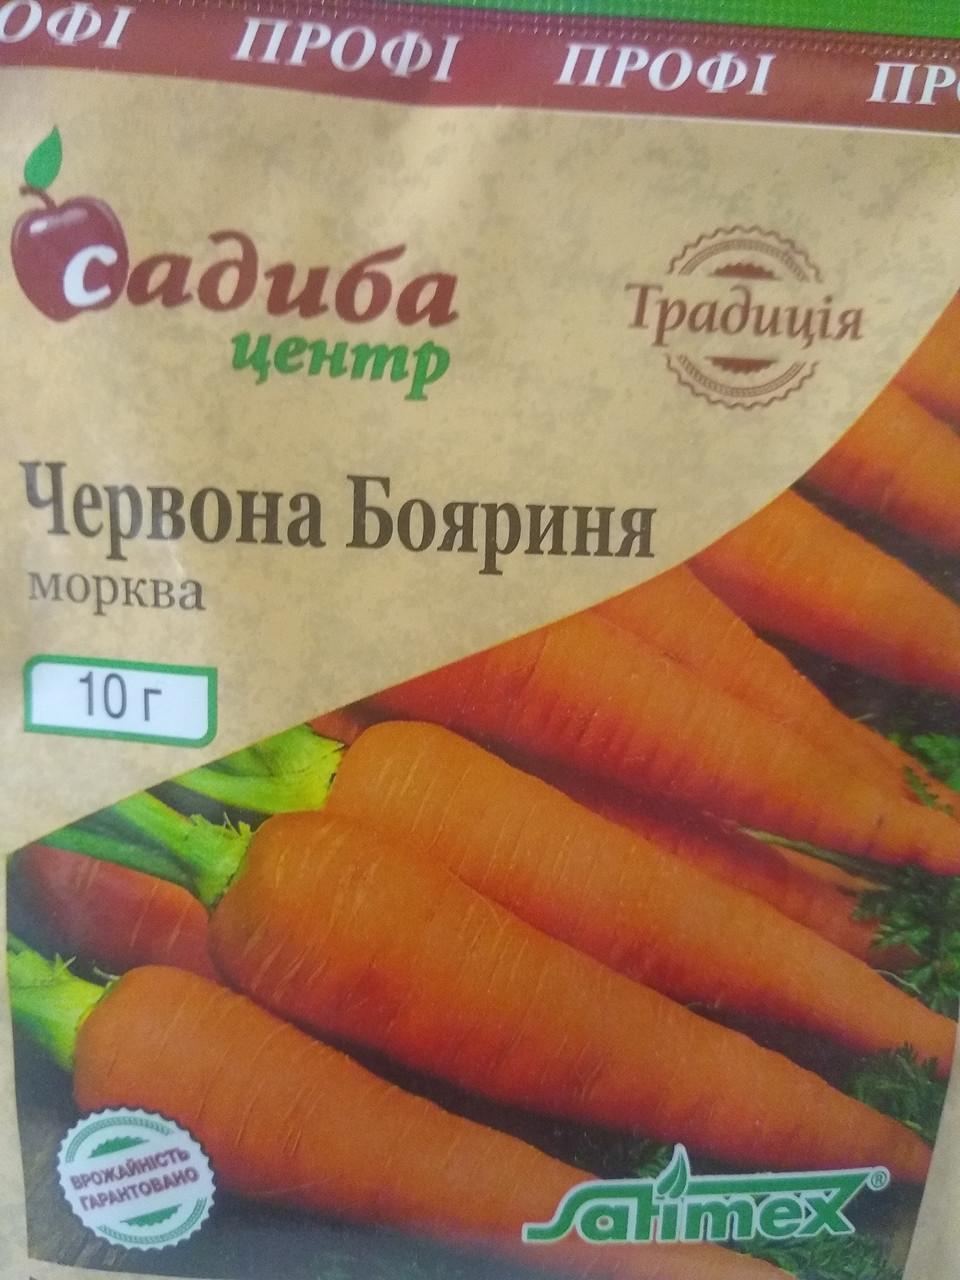 Семена среднепоздней моркови сорт Красная боярыня красно-оранжевого цвета 10 грамм семян Satimex Германия